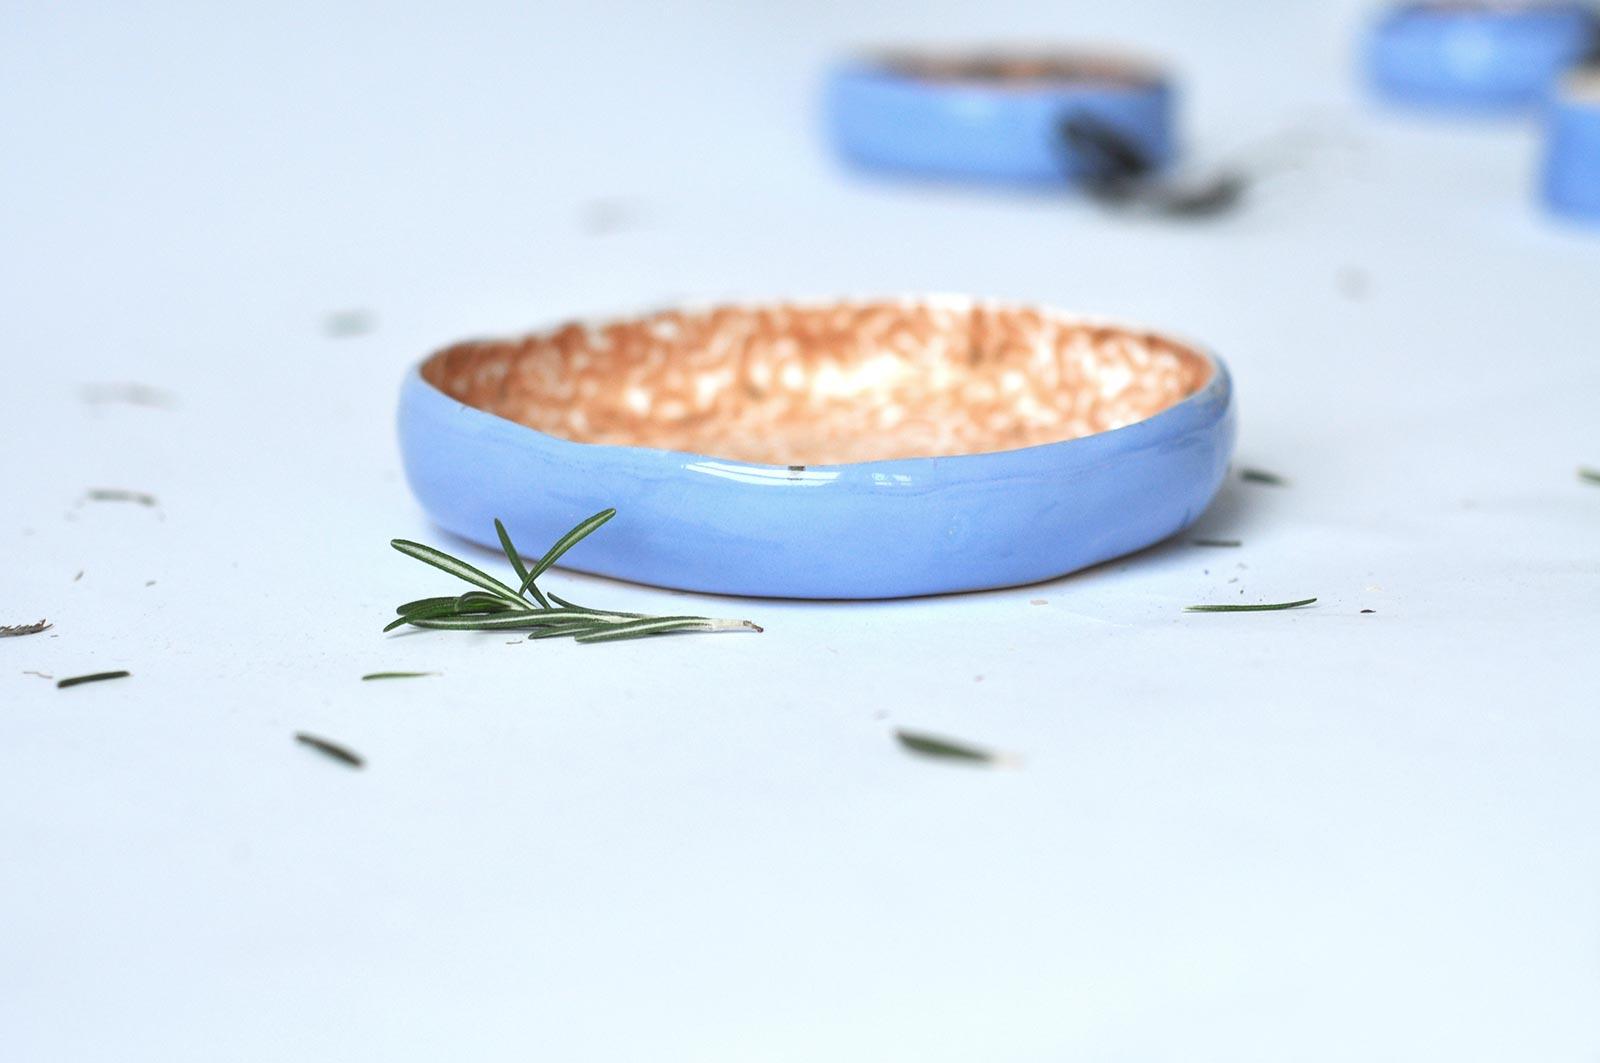 Глибока керамічна тарілка (Ручна робота)